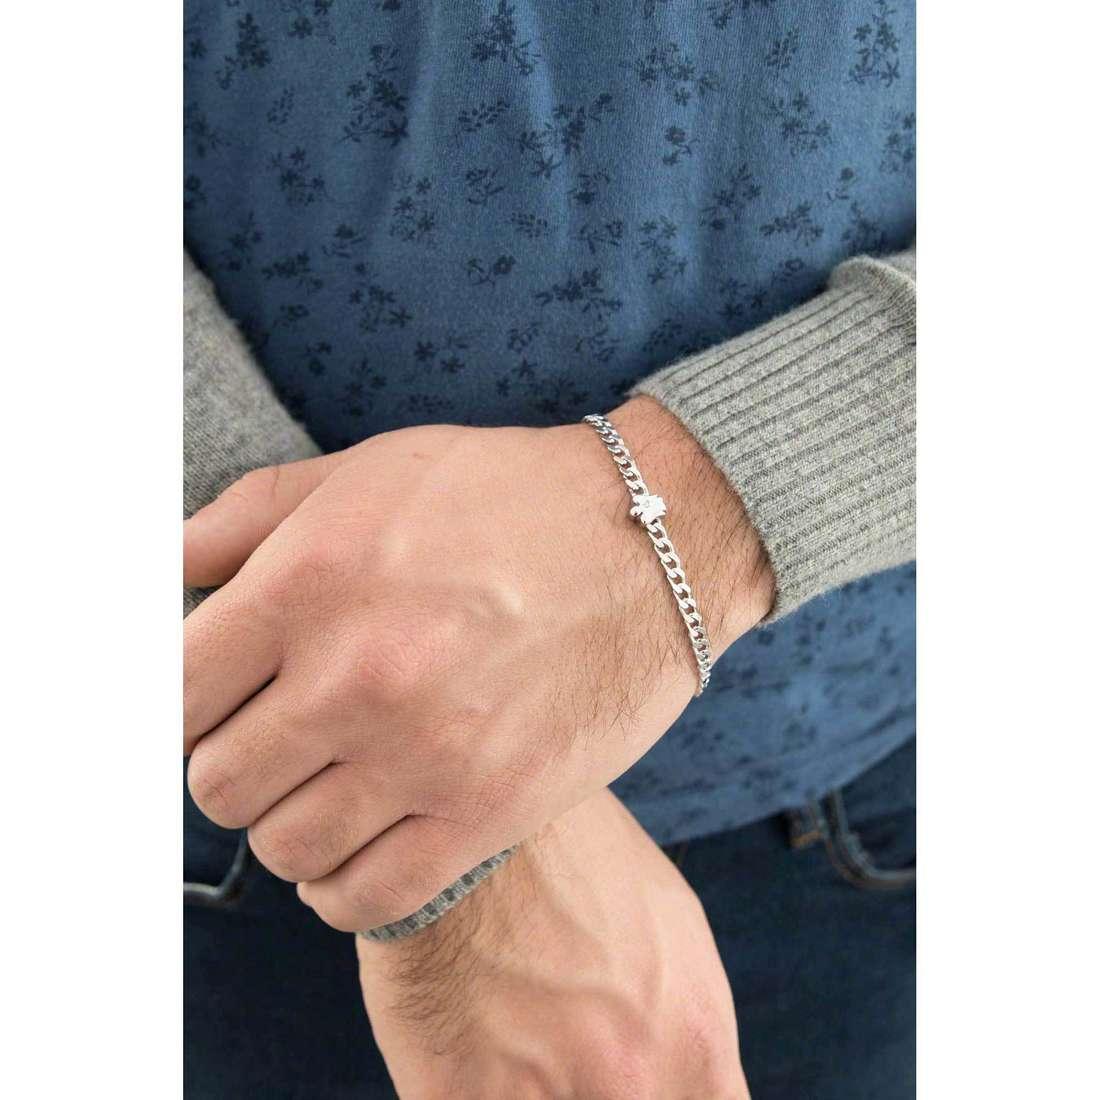 Giannotti bracciali uomo GIA277 indosso